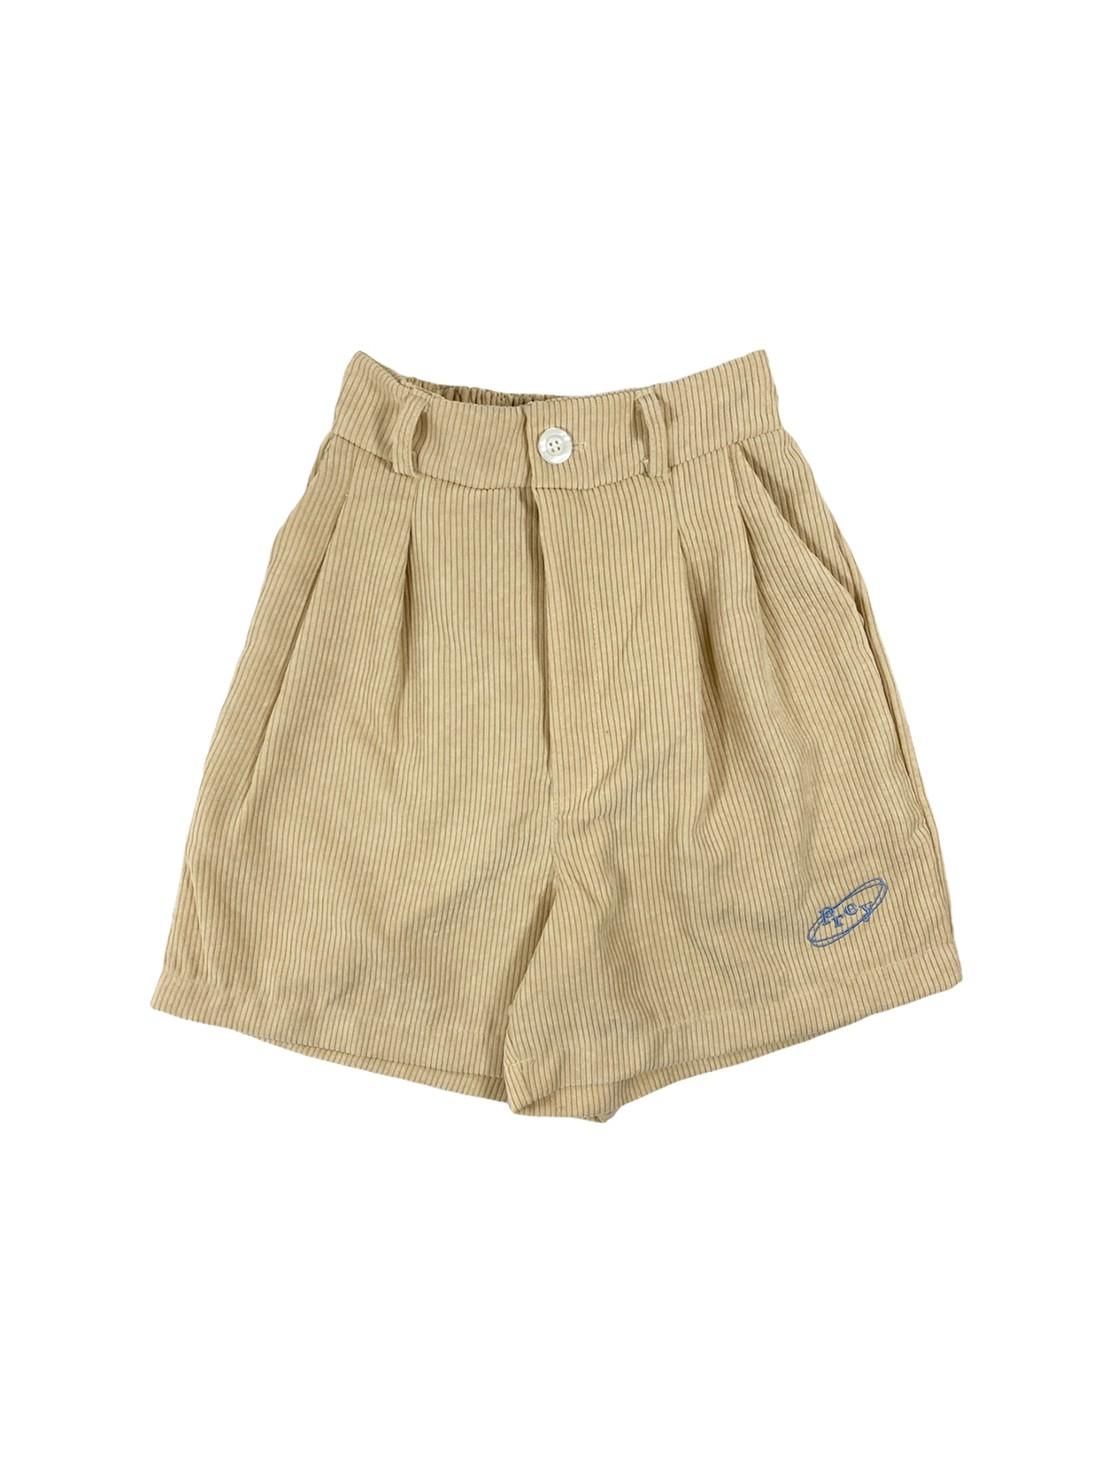 Prey Baby Corduroy Shorts (Cream)